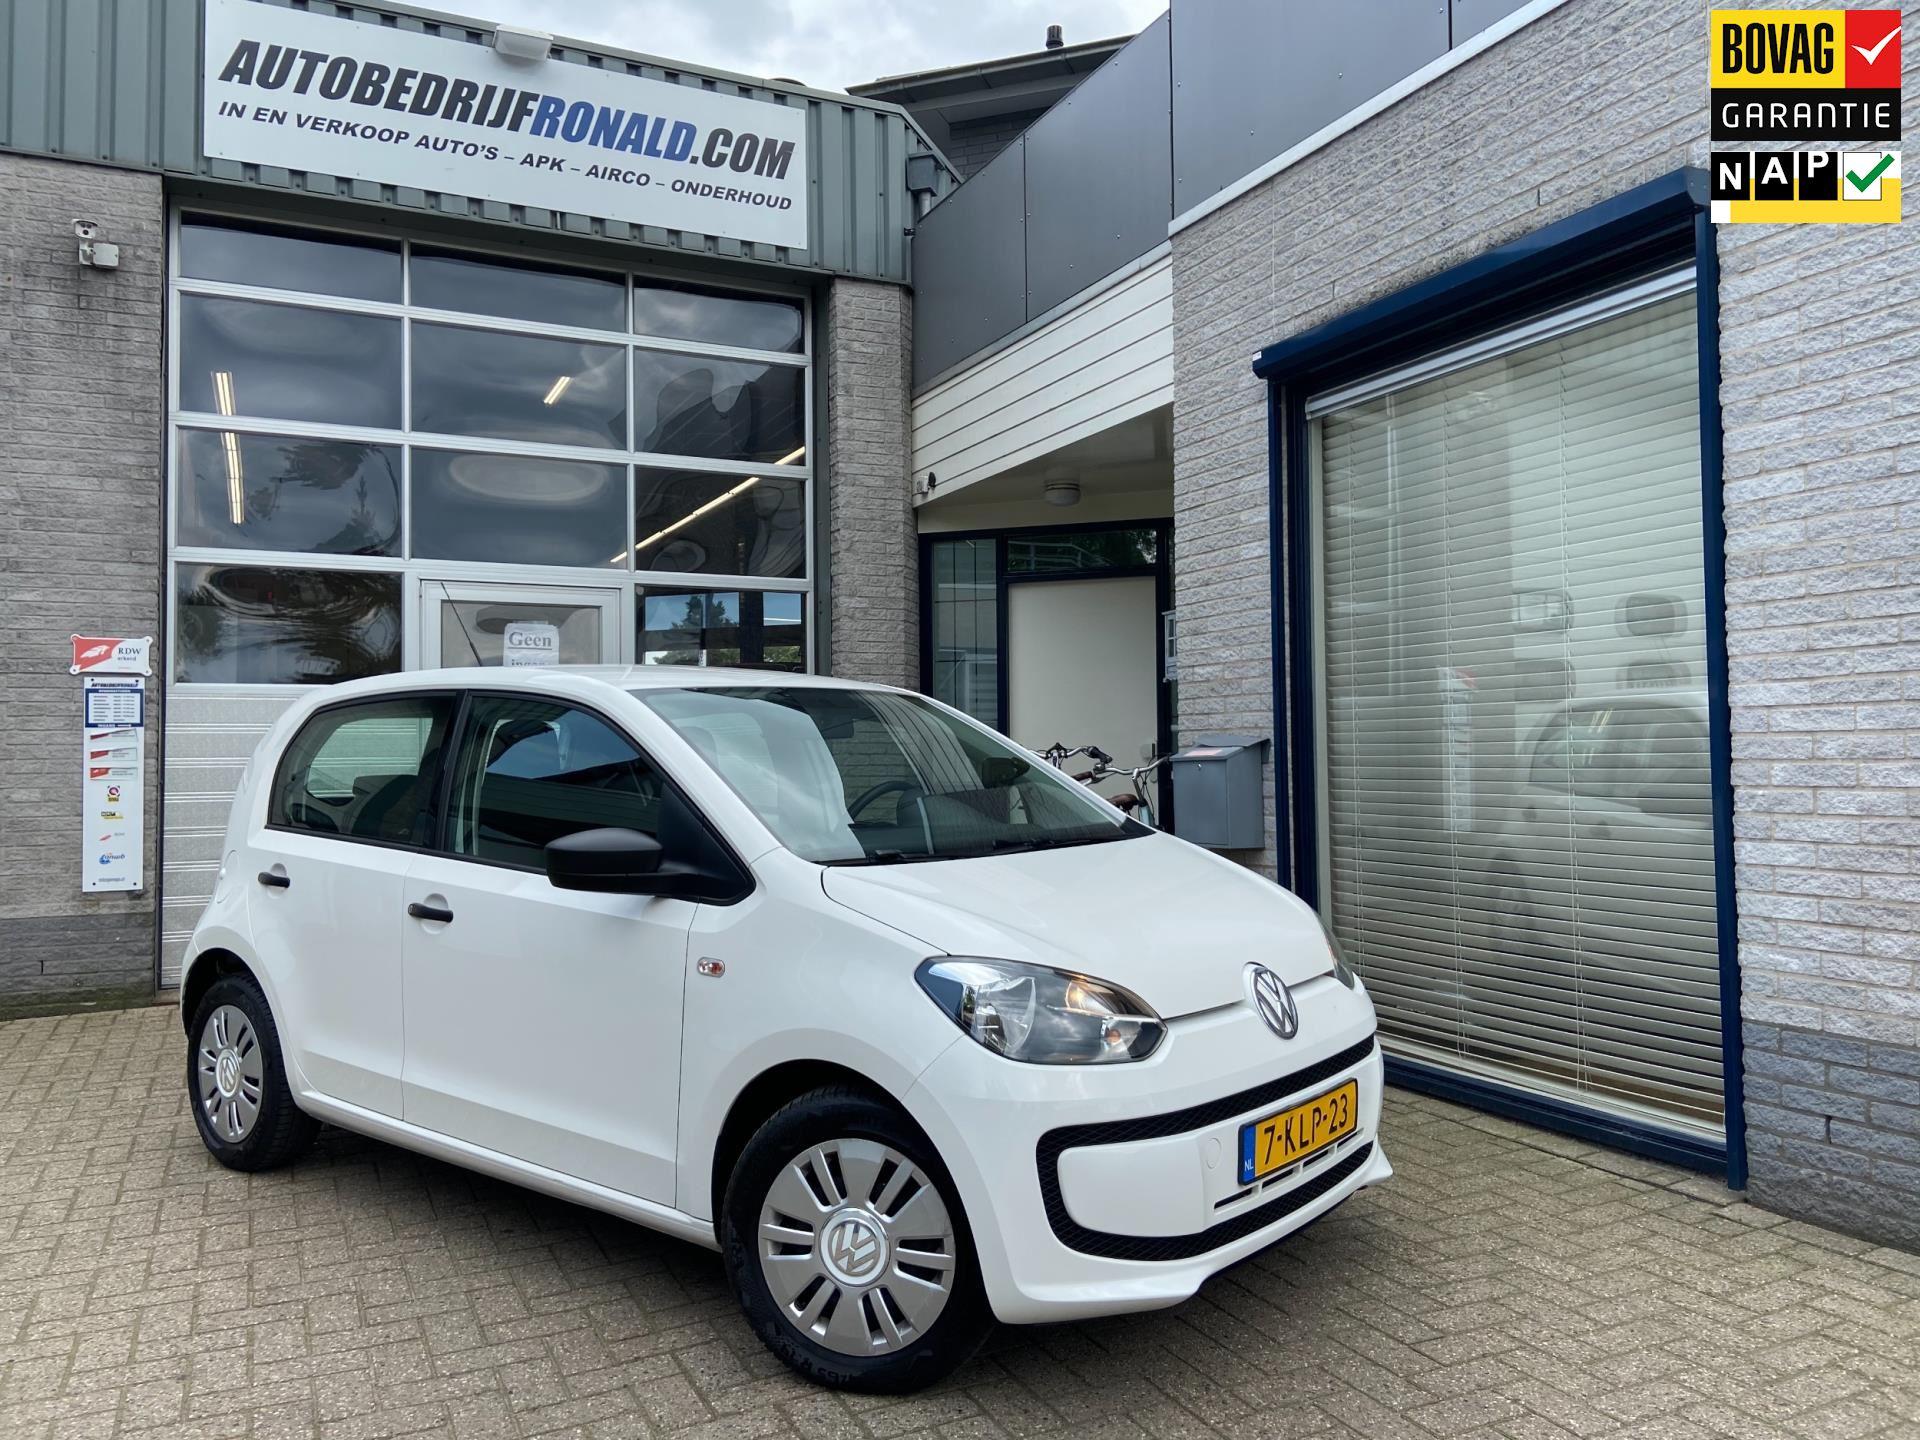 Volkswagen Up occasion - Autobedrijf Ronald